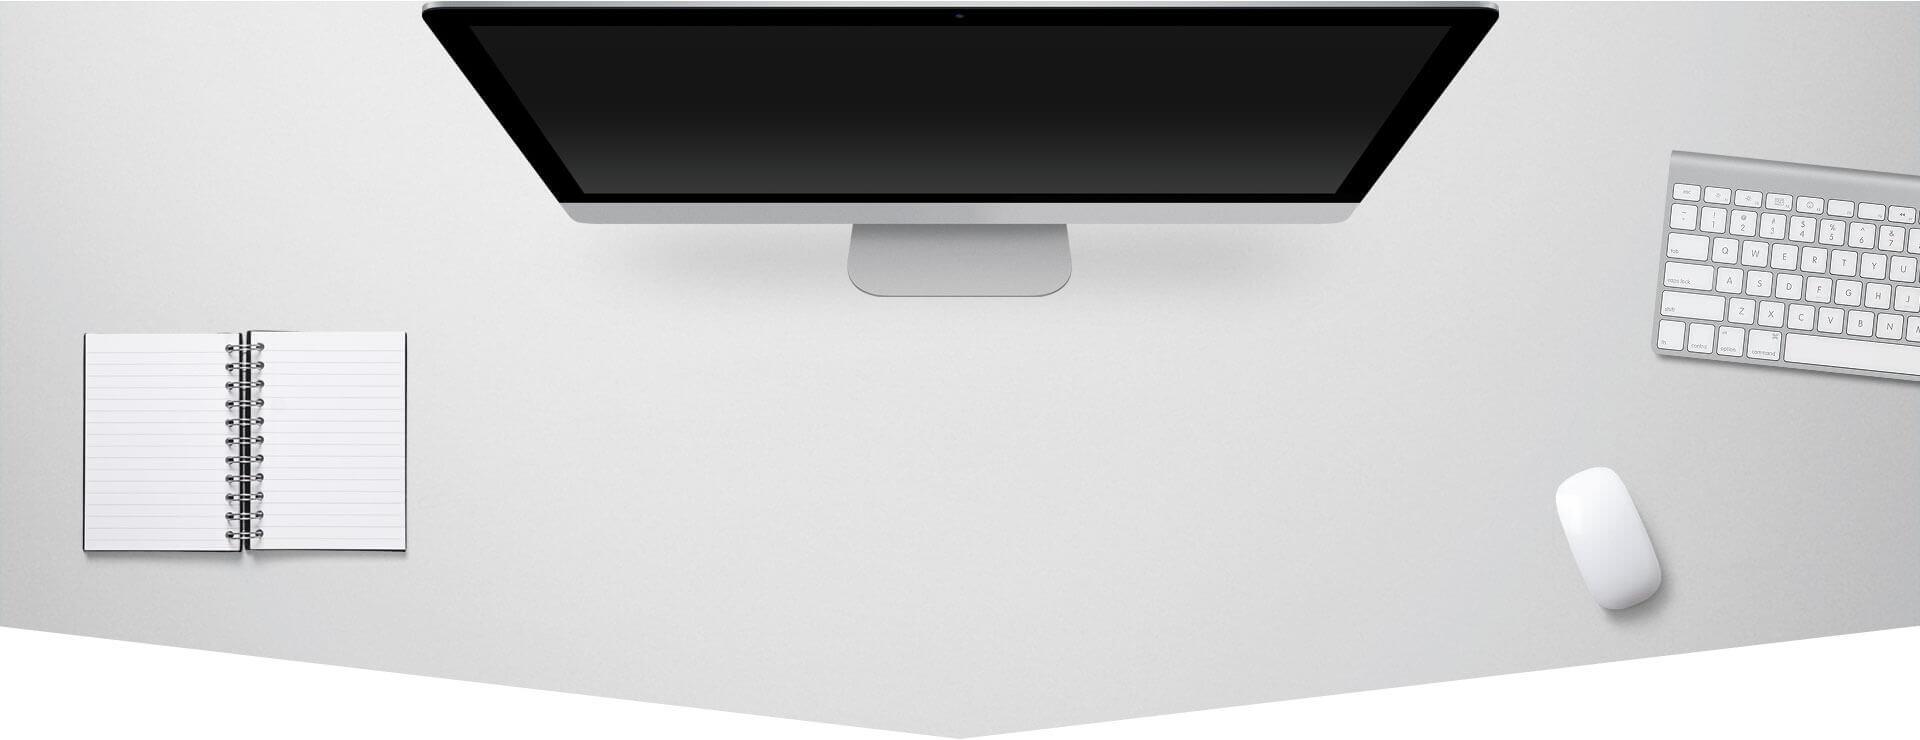 Sprzęt biurowy slider